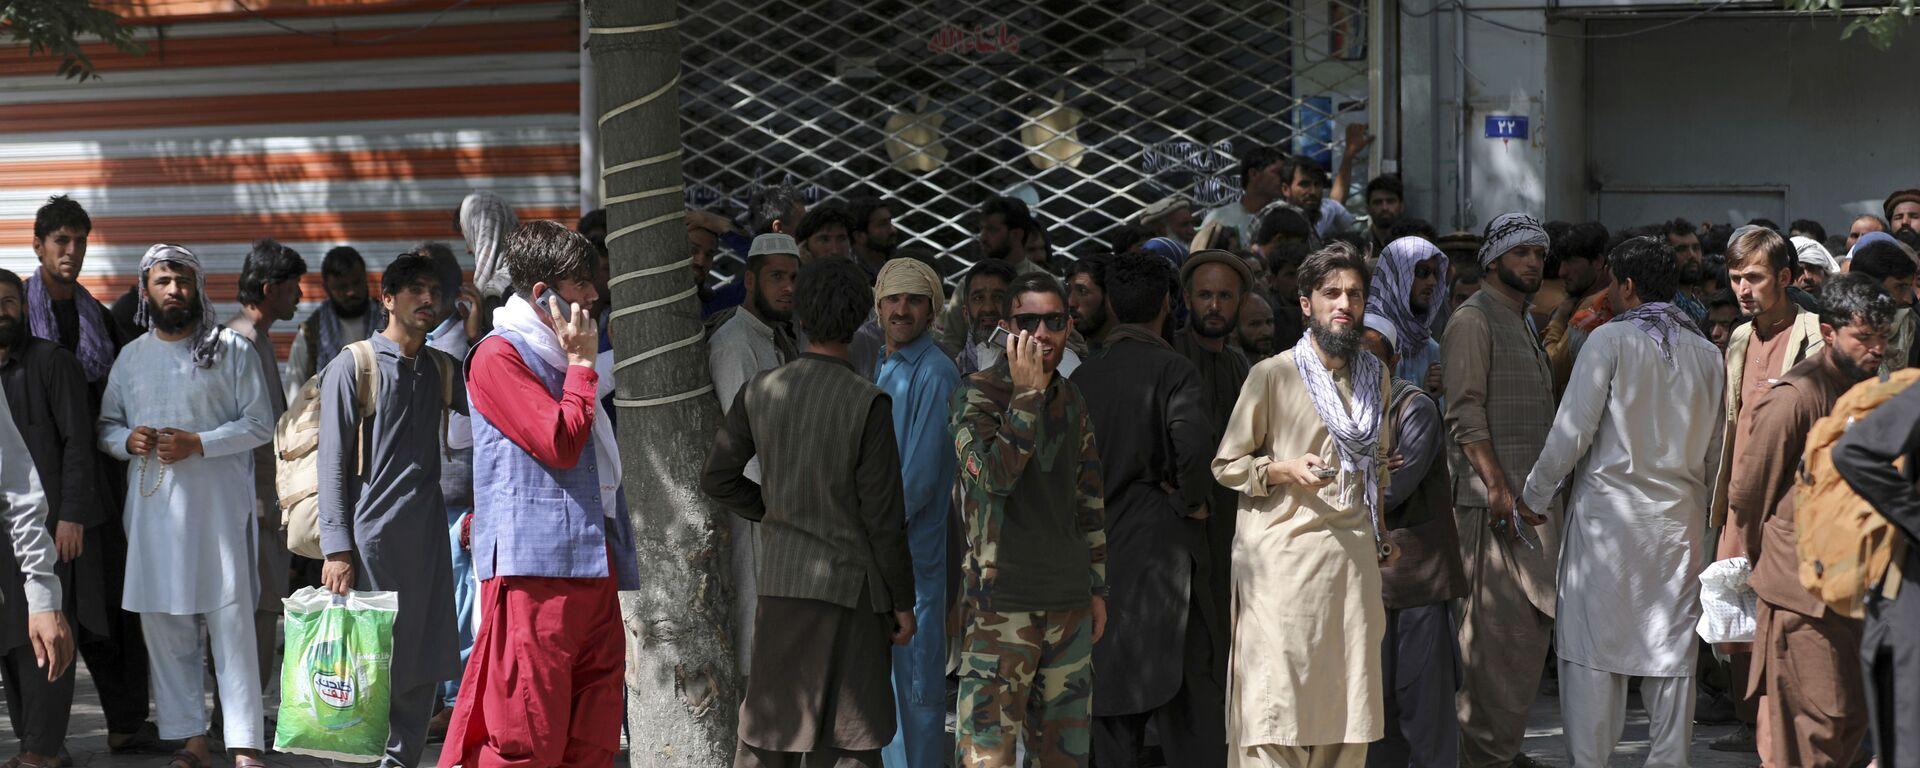 Афганцы в очереди в банк в Кабуле  - Sputnik Polska, 1920, 19.08.2021